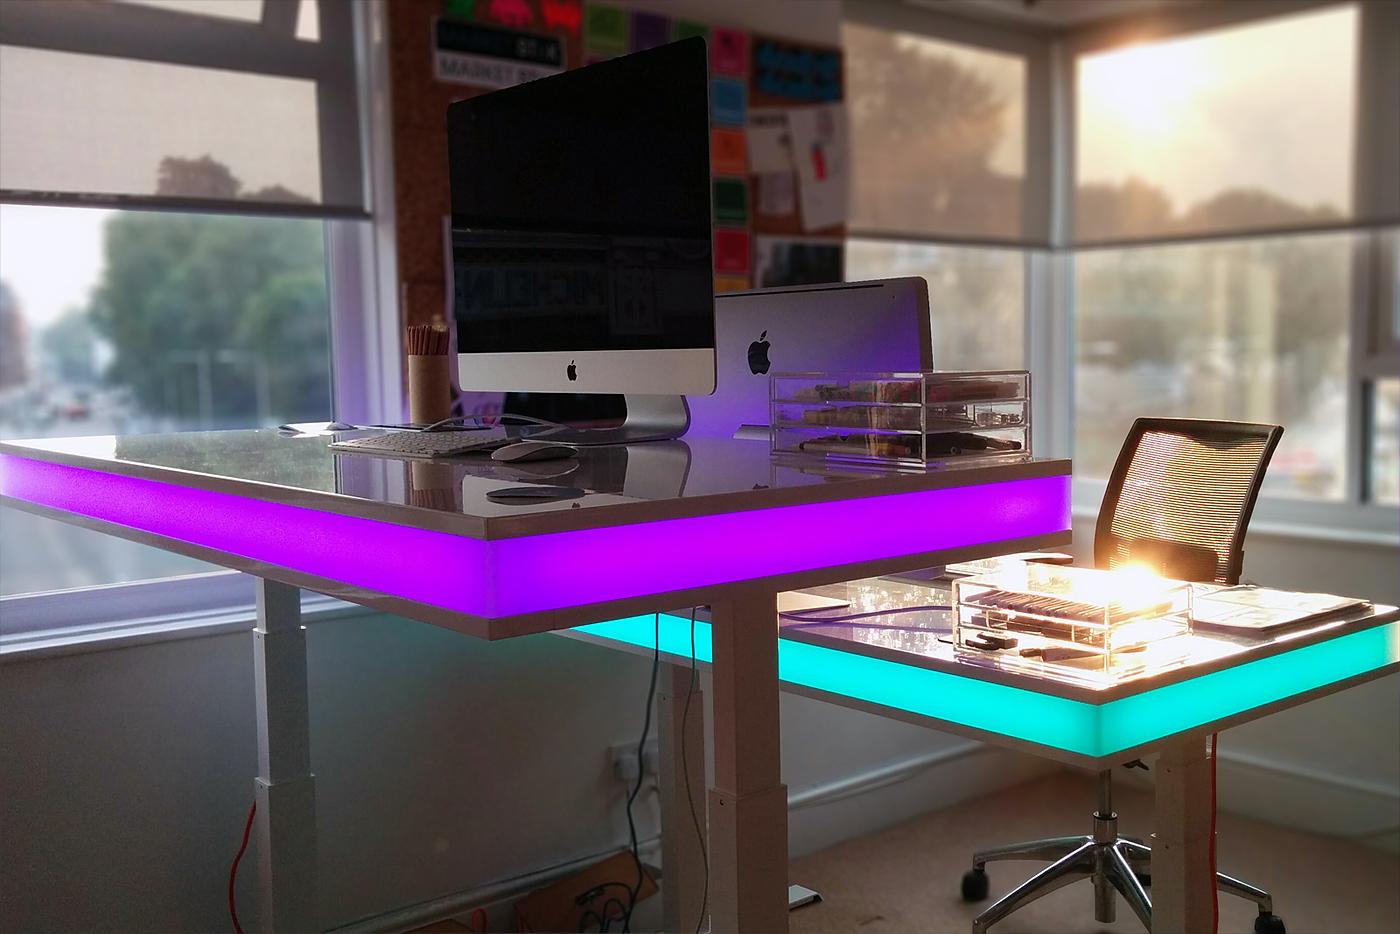 Funky Dining Room Chairs Tableair Smart Desk Changes Height Via Sensing Module